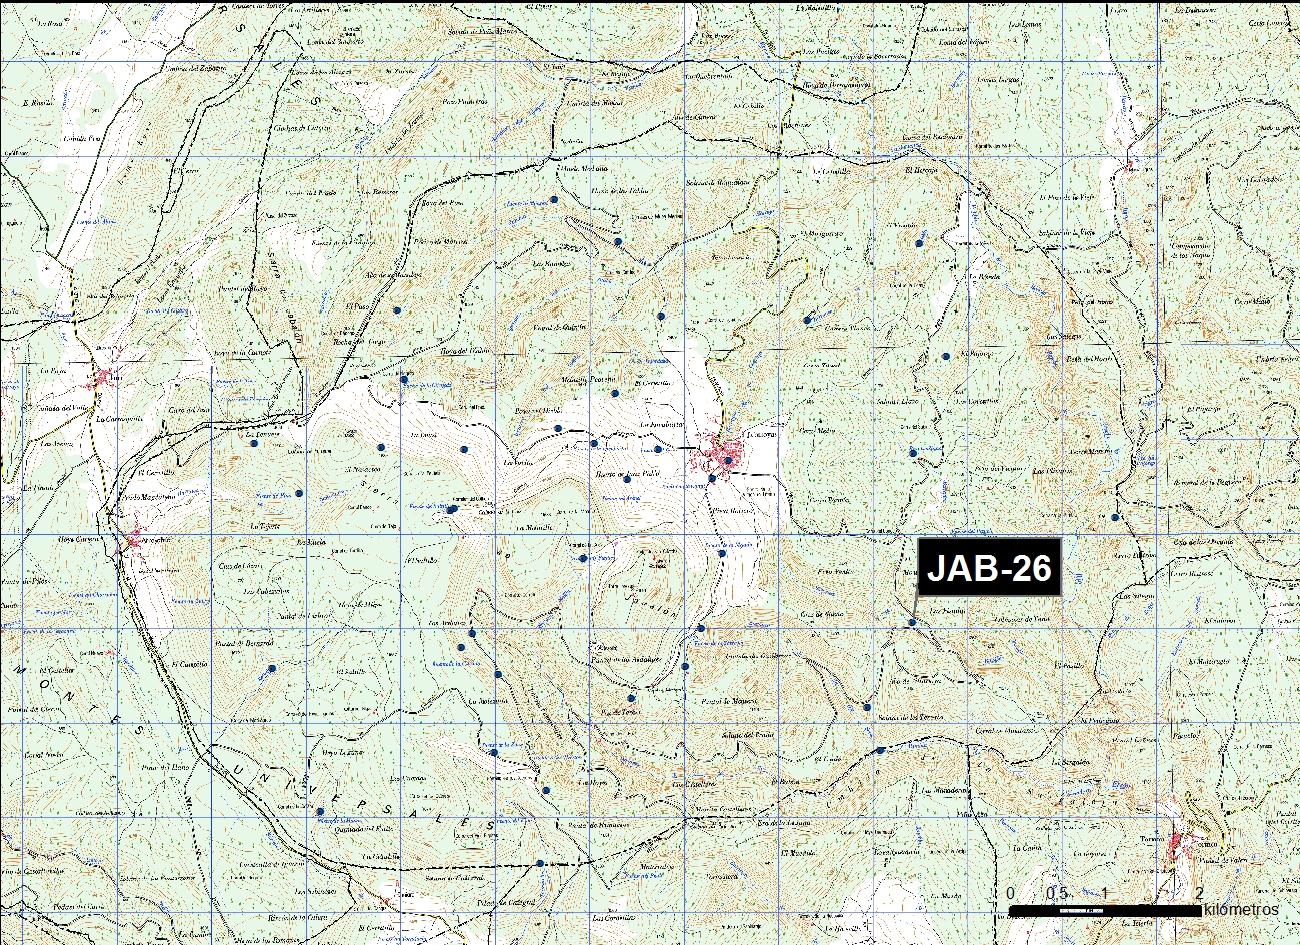 JAB_26_M.V.LOZANO_POZO INCENDIOS LA SILLA_MAP.TOPO 1